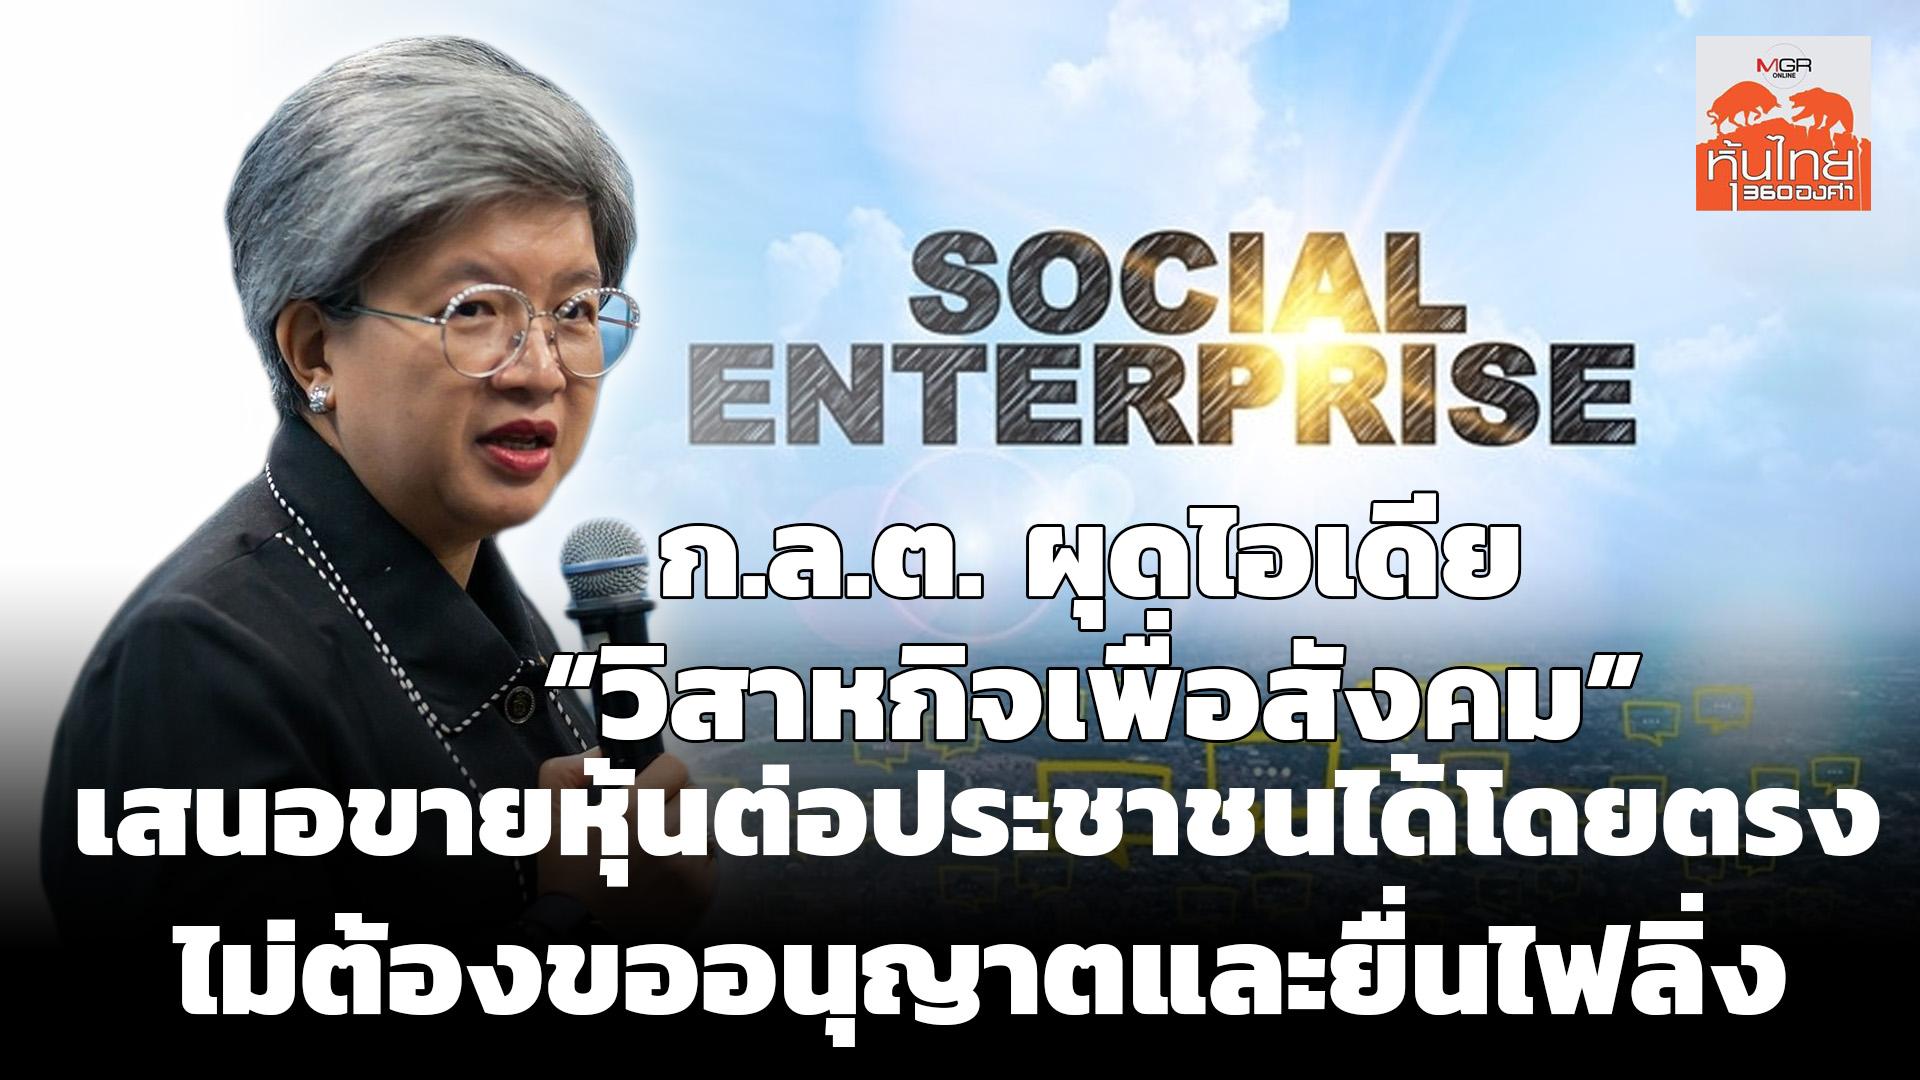 """ก.ล.ต. ผุดไอเดีย """"วิสาหกิจเพื่อสังคม"""" เสนอขายหุ้นต่อประชาชนได้โดยไม่ต้องขออนุญาตและยื่นไฟลิ่ง"""